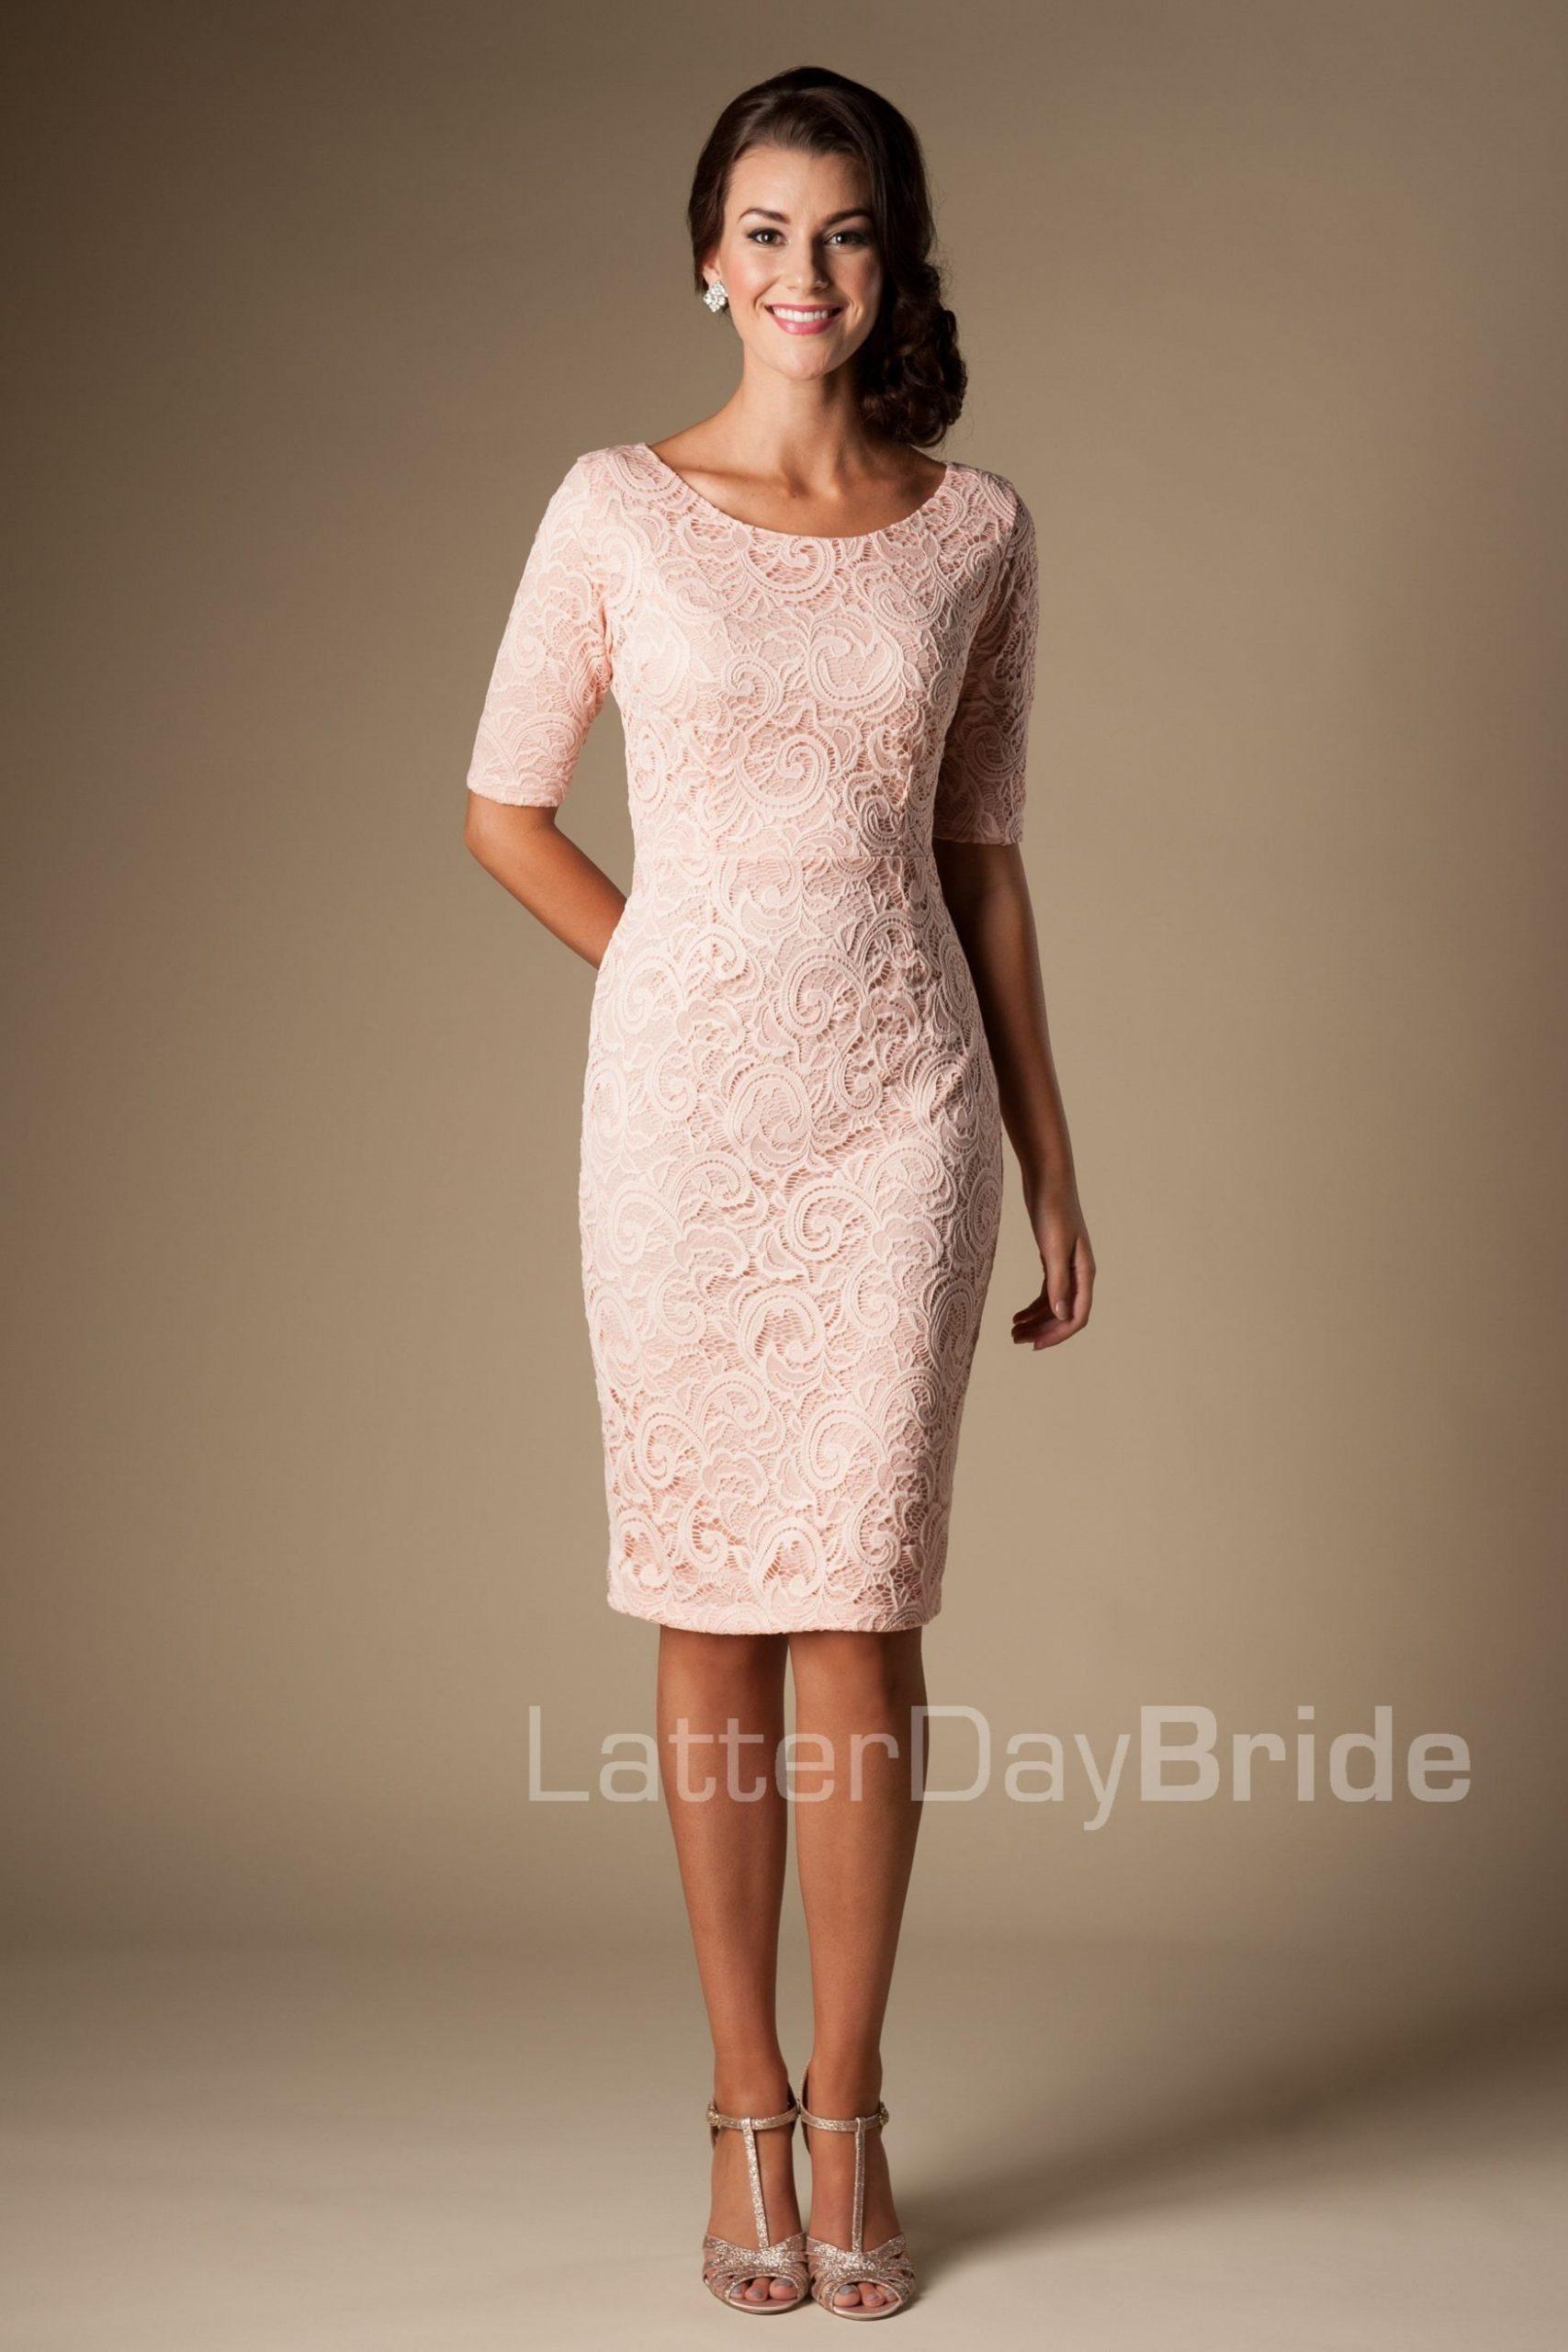 Festliche Kleider Zur Hochzeit Langarm - Abendkleid